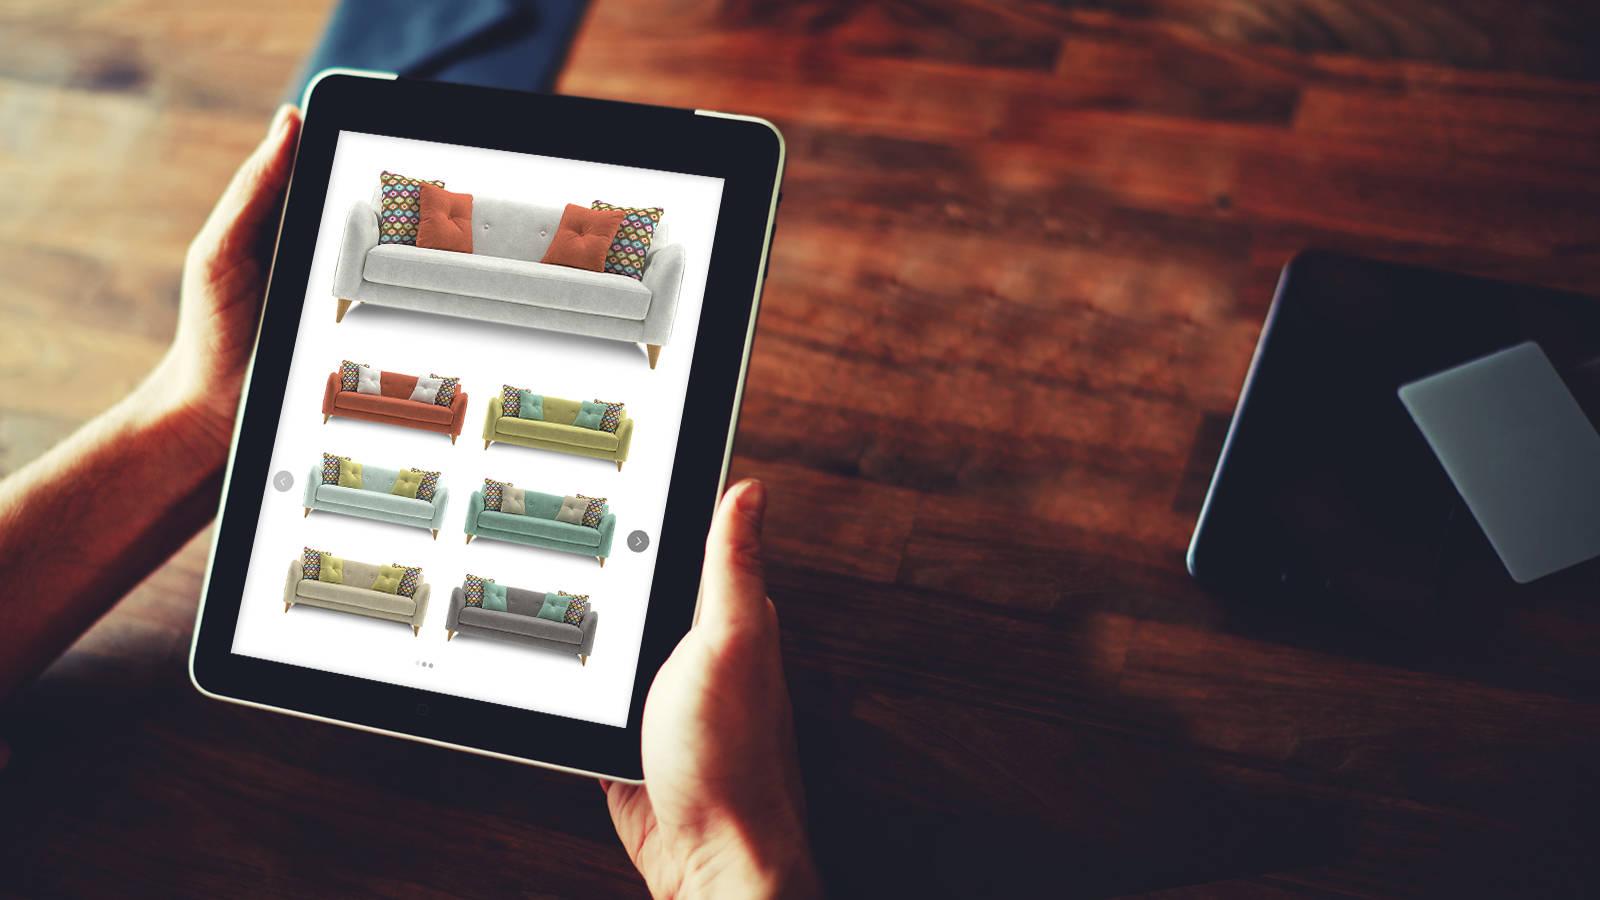 Sofas on an iPad